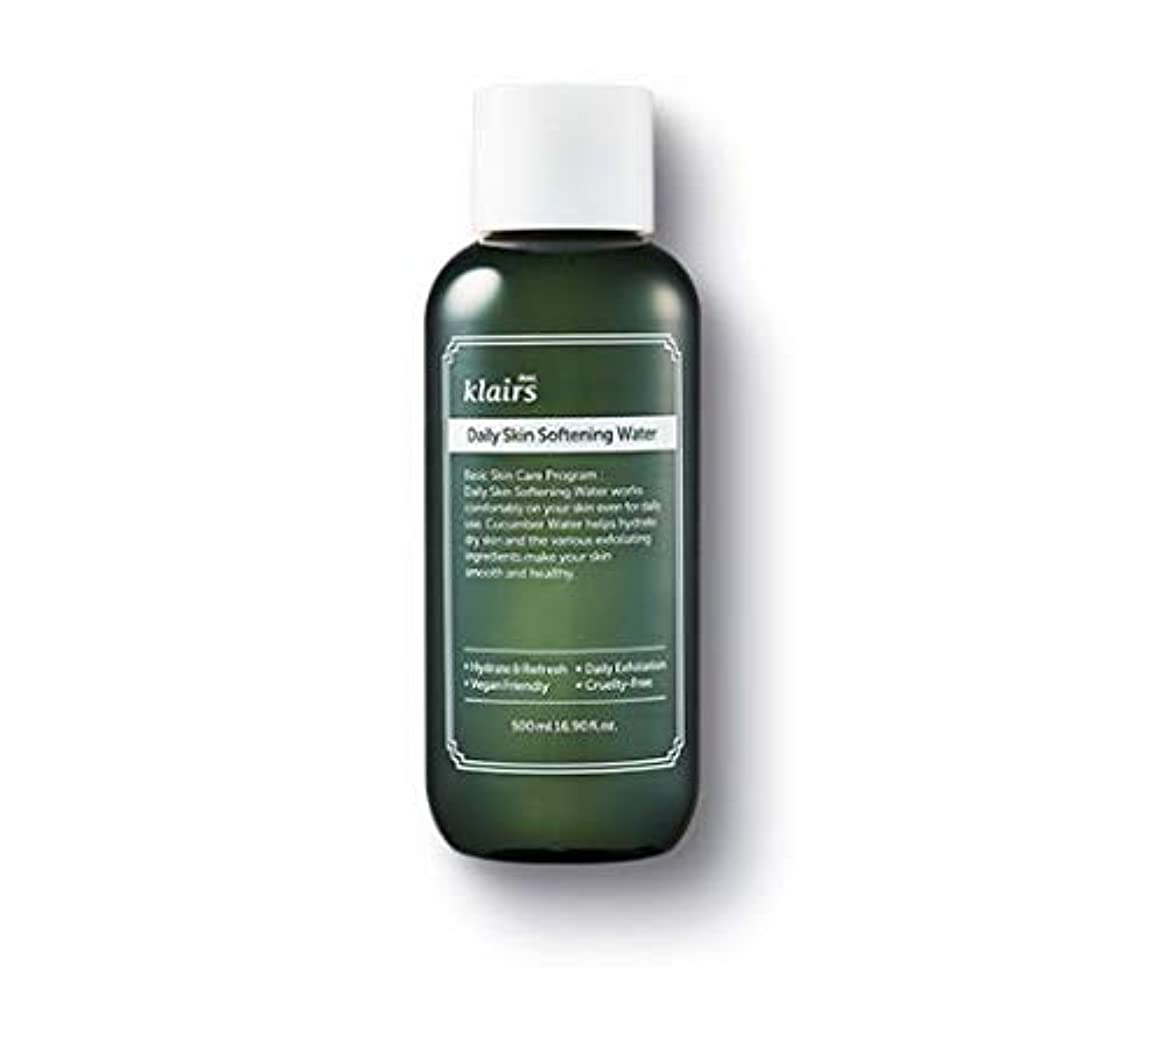 差せっかち致命的な【クレアス】デイリースキンソフトニングウォーター(500ml)|韓国コスメ?化粧水?キュウリ水?敏感肌?乾燥肌?マイルド化粧水|[dear,klairs] Daily Skin Softening Water 500ml